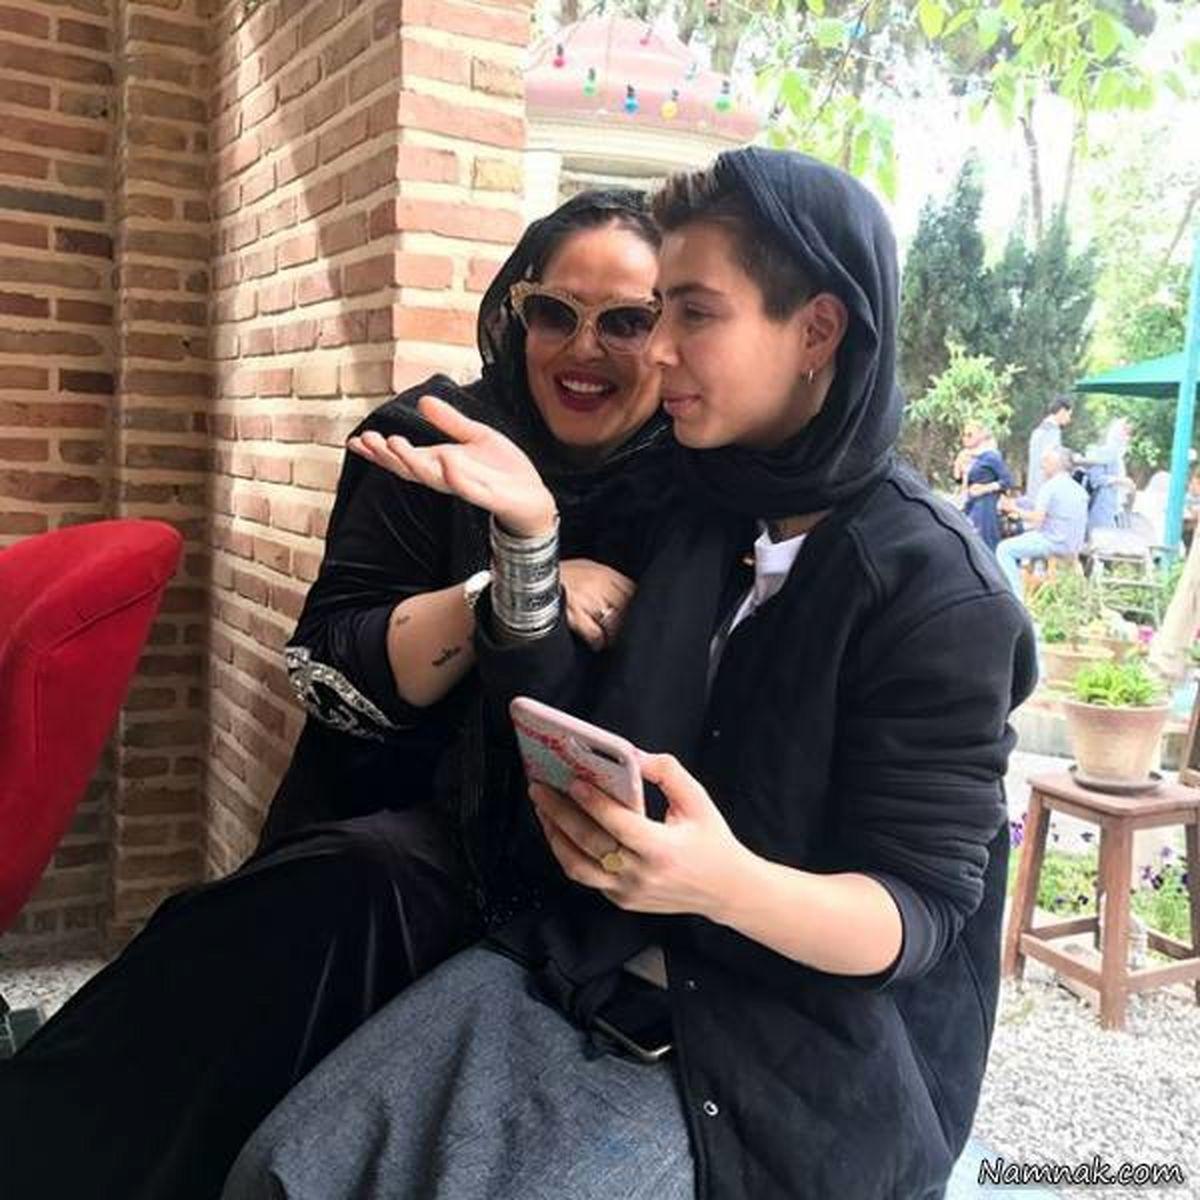 بهاره رهنما کیست + عکس همسر اول و دوم